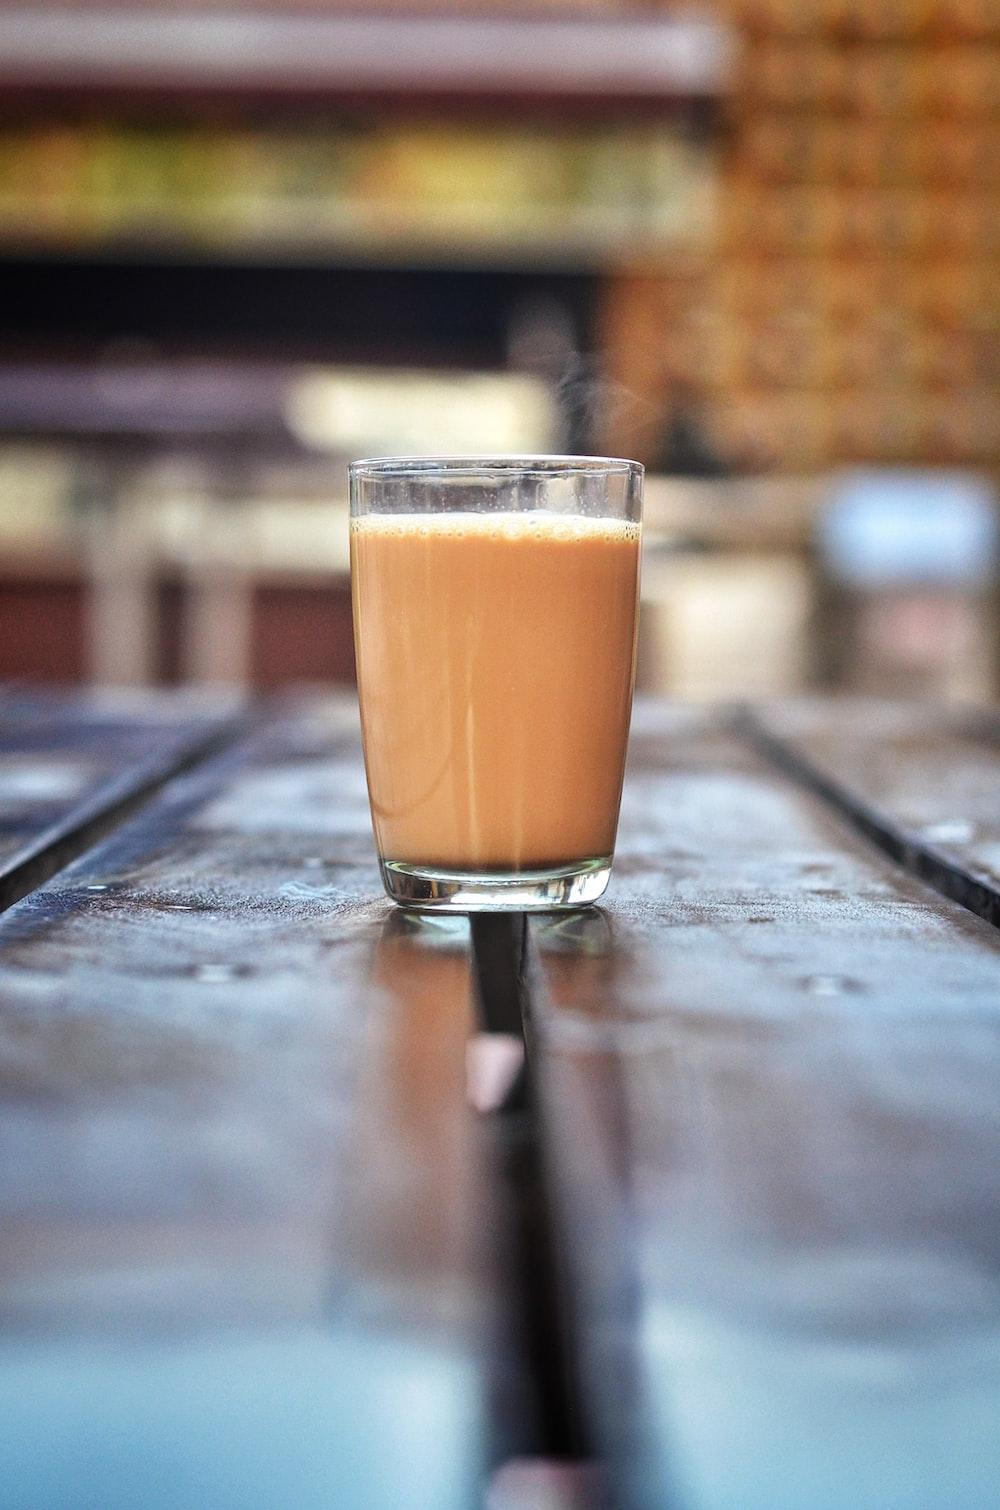 Free Beverage Image On Unsplash